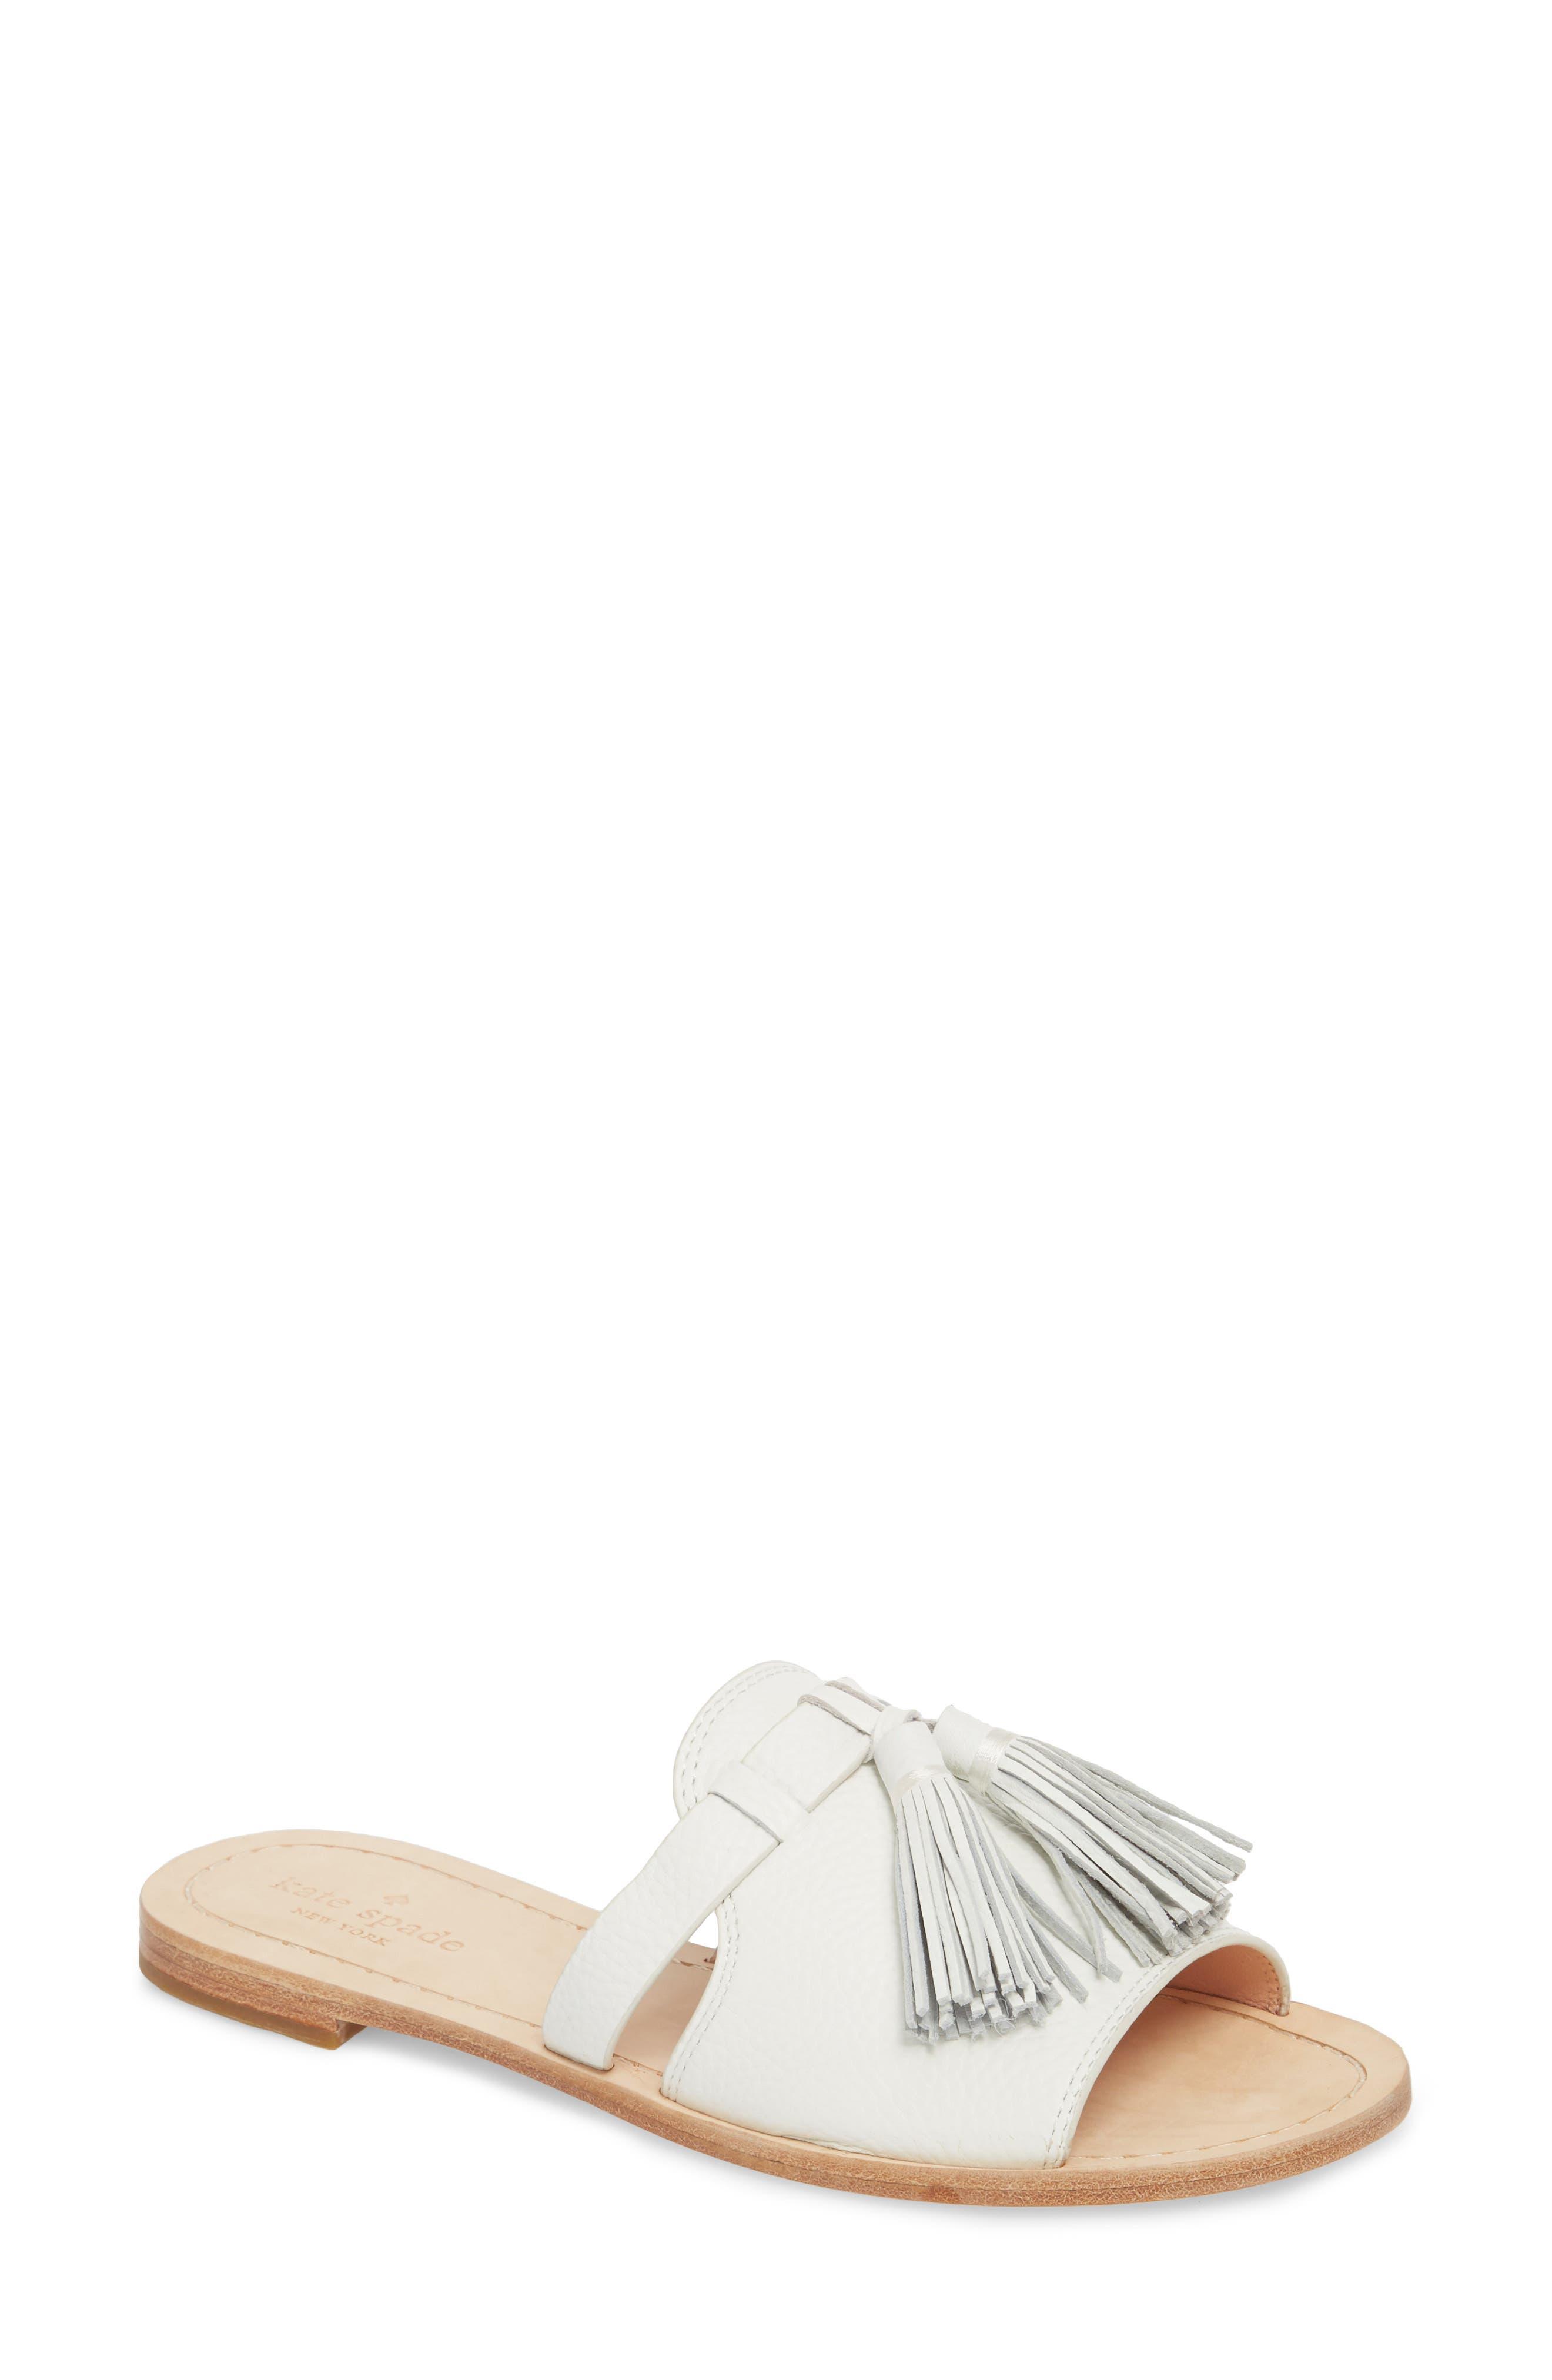 kate spade new york coby tassel slide sandal (Women)